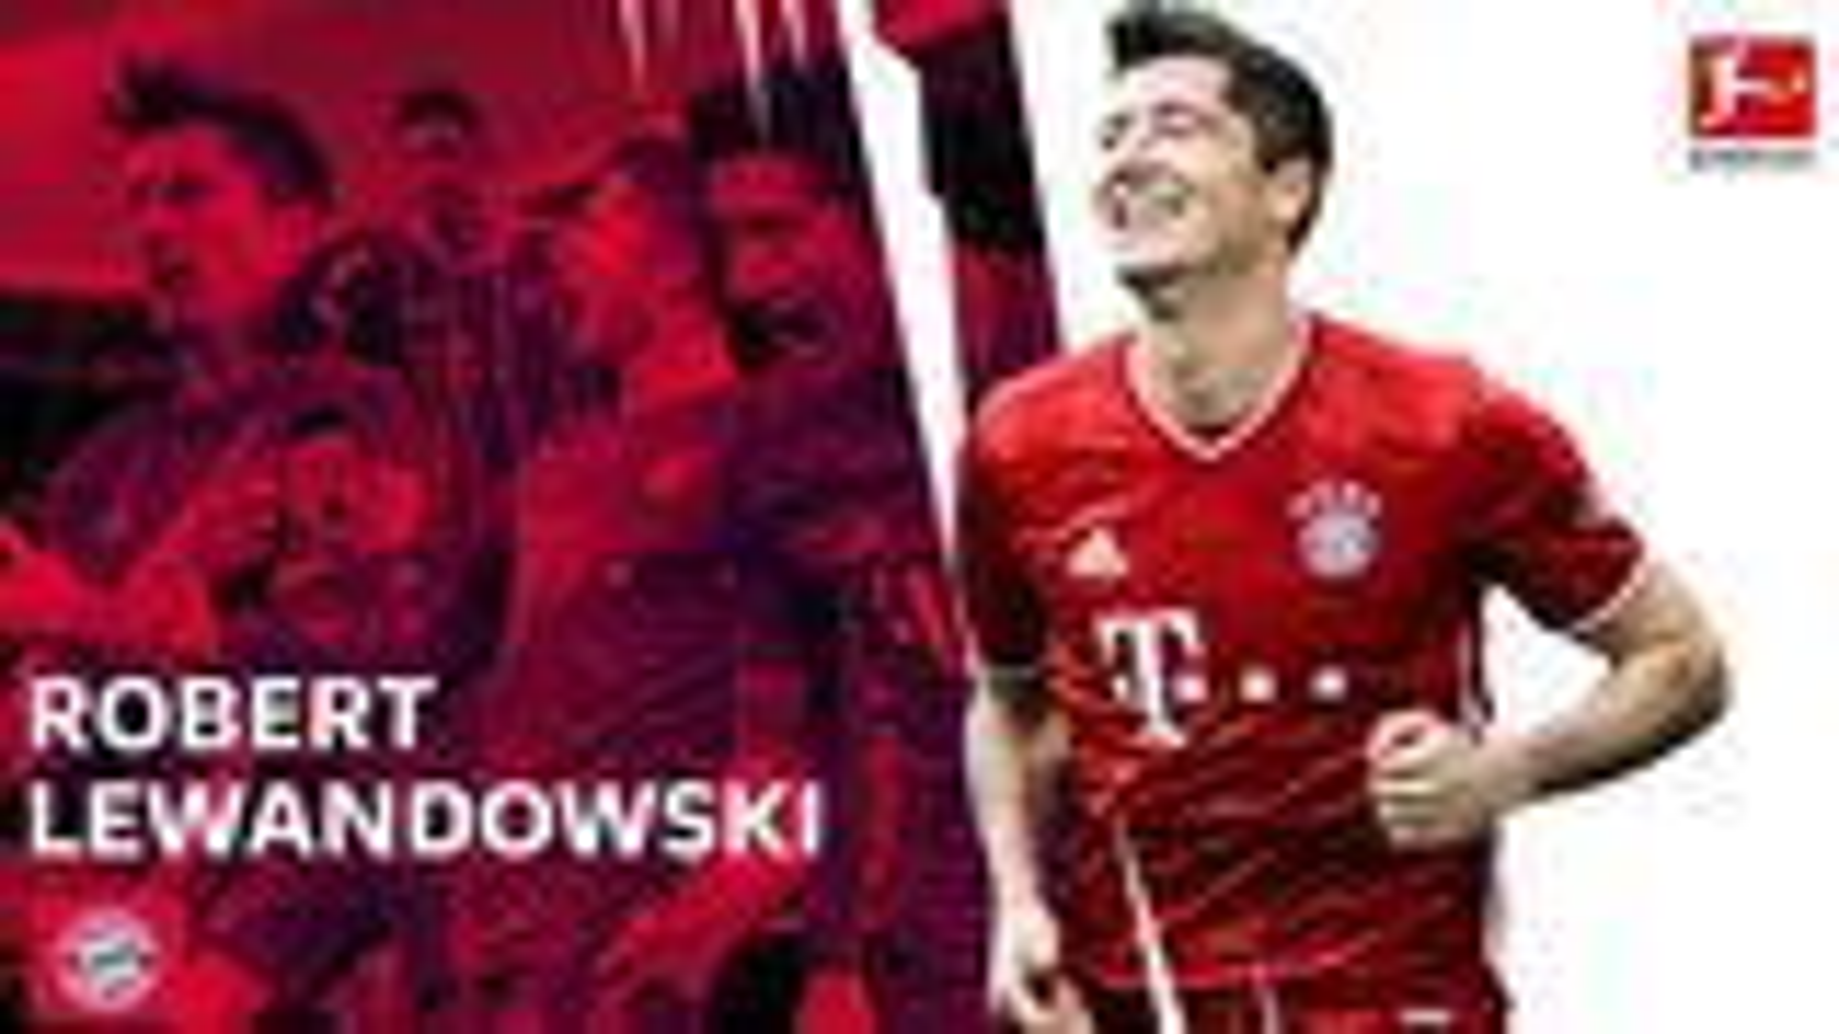 Einsame Spitze: Lewandowskis Wahnsinnsjahr in Zahlen